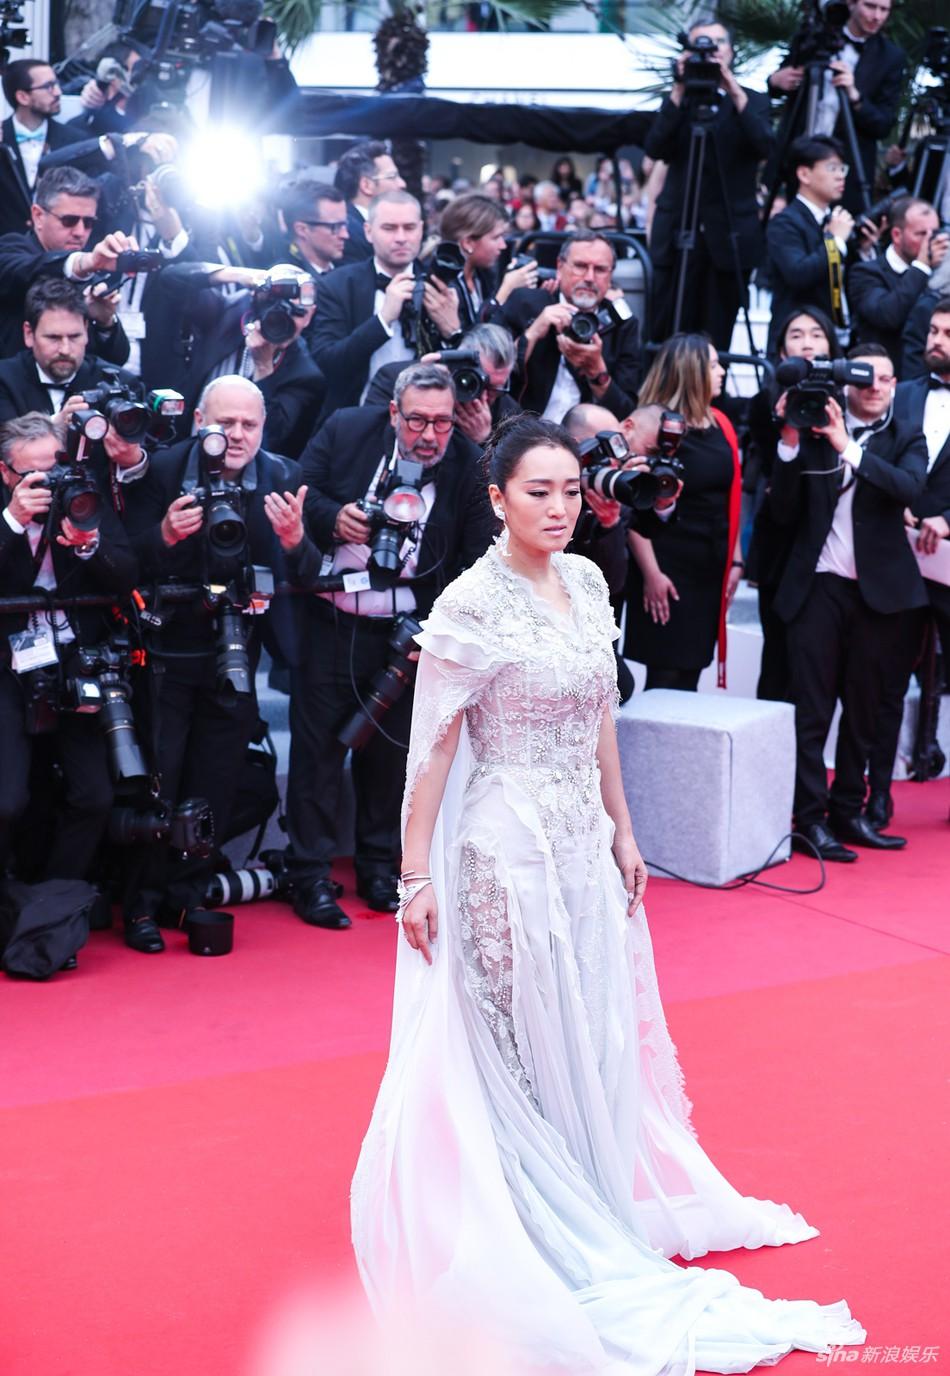 Ham váy vóc tùng xòe, Jessica suýt ngã và phải nhờ 2 người nâng váy tại thảm đỏ Cannes 2019 - Ảnh 6.